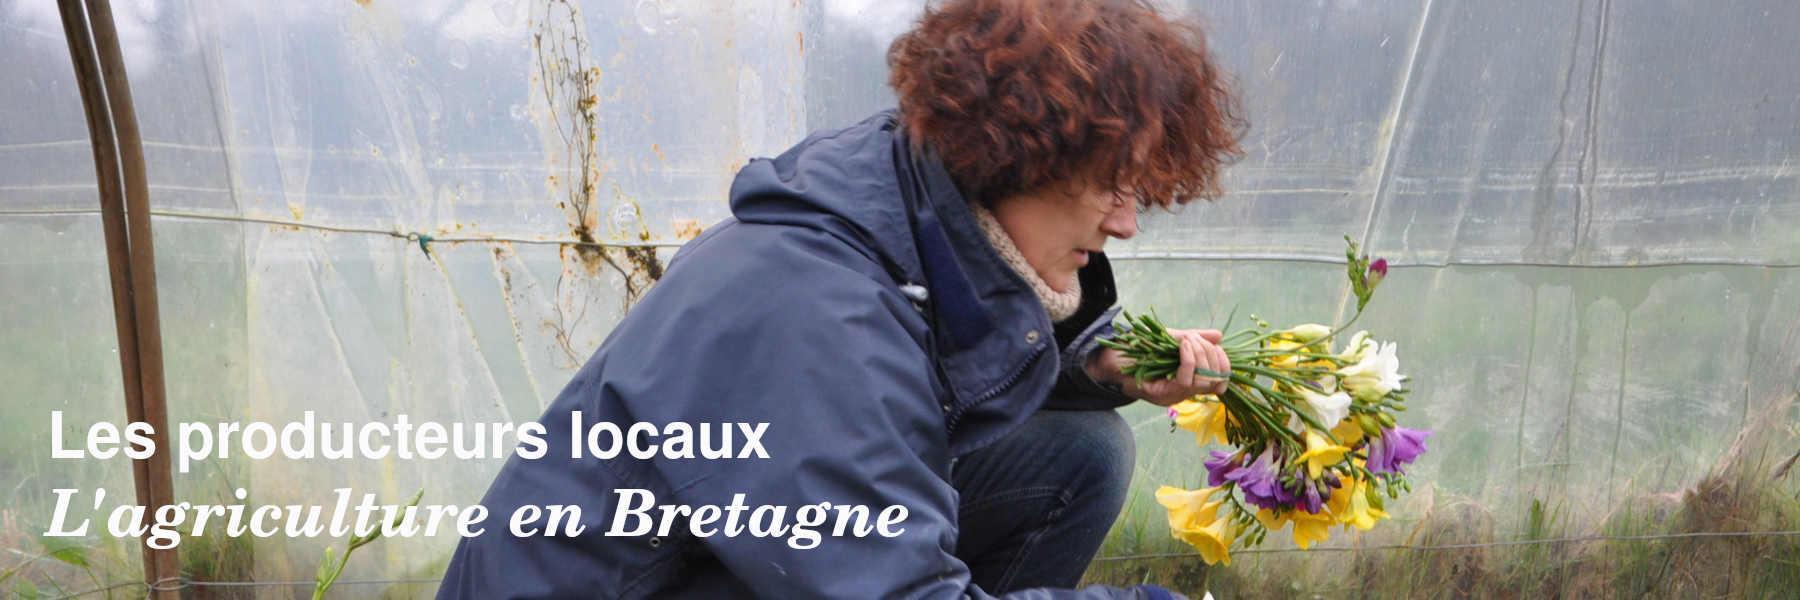 Les producteurs locaux de Bretagne